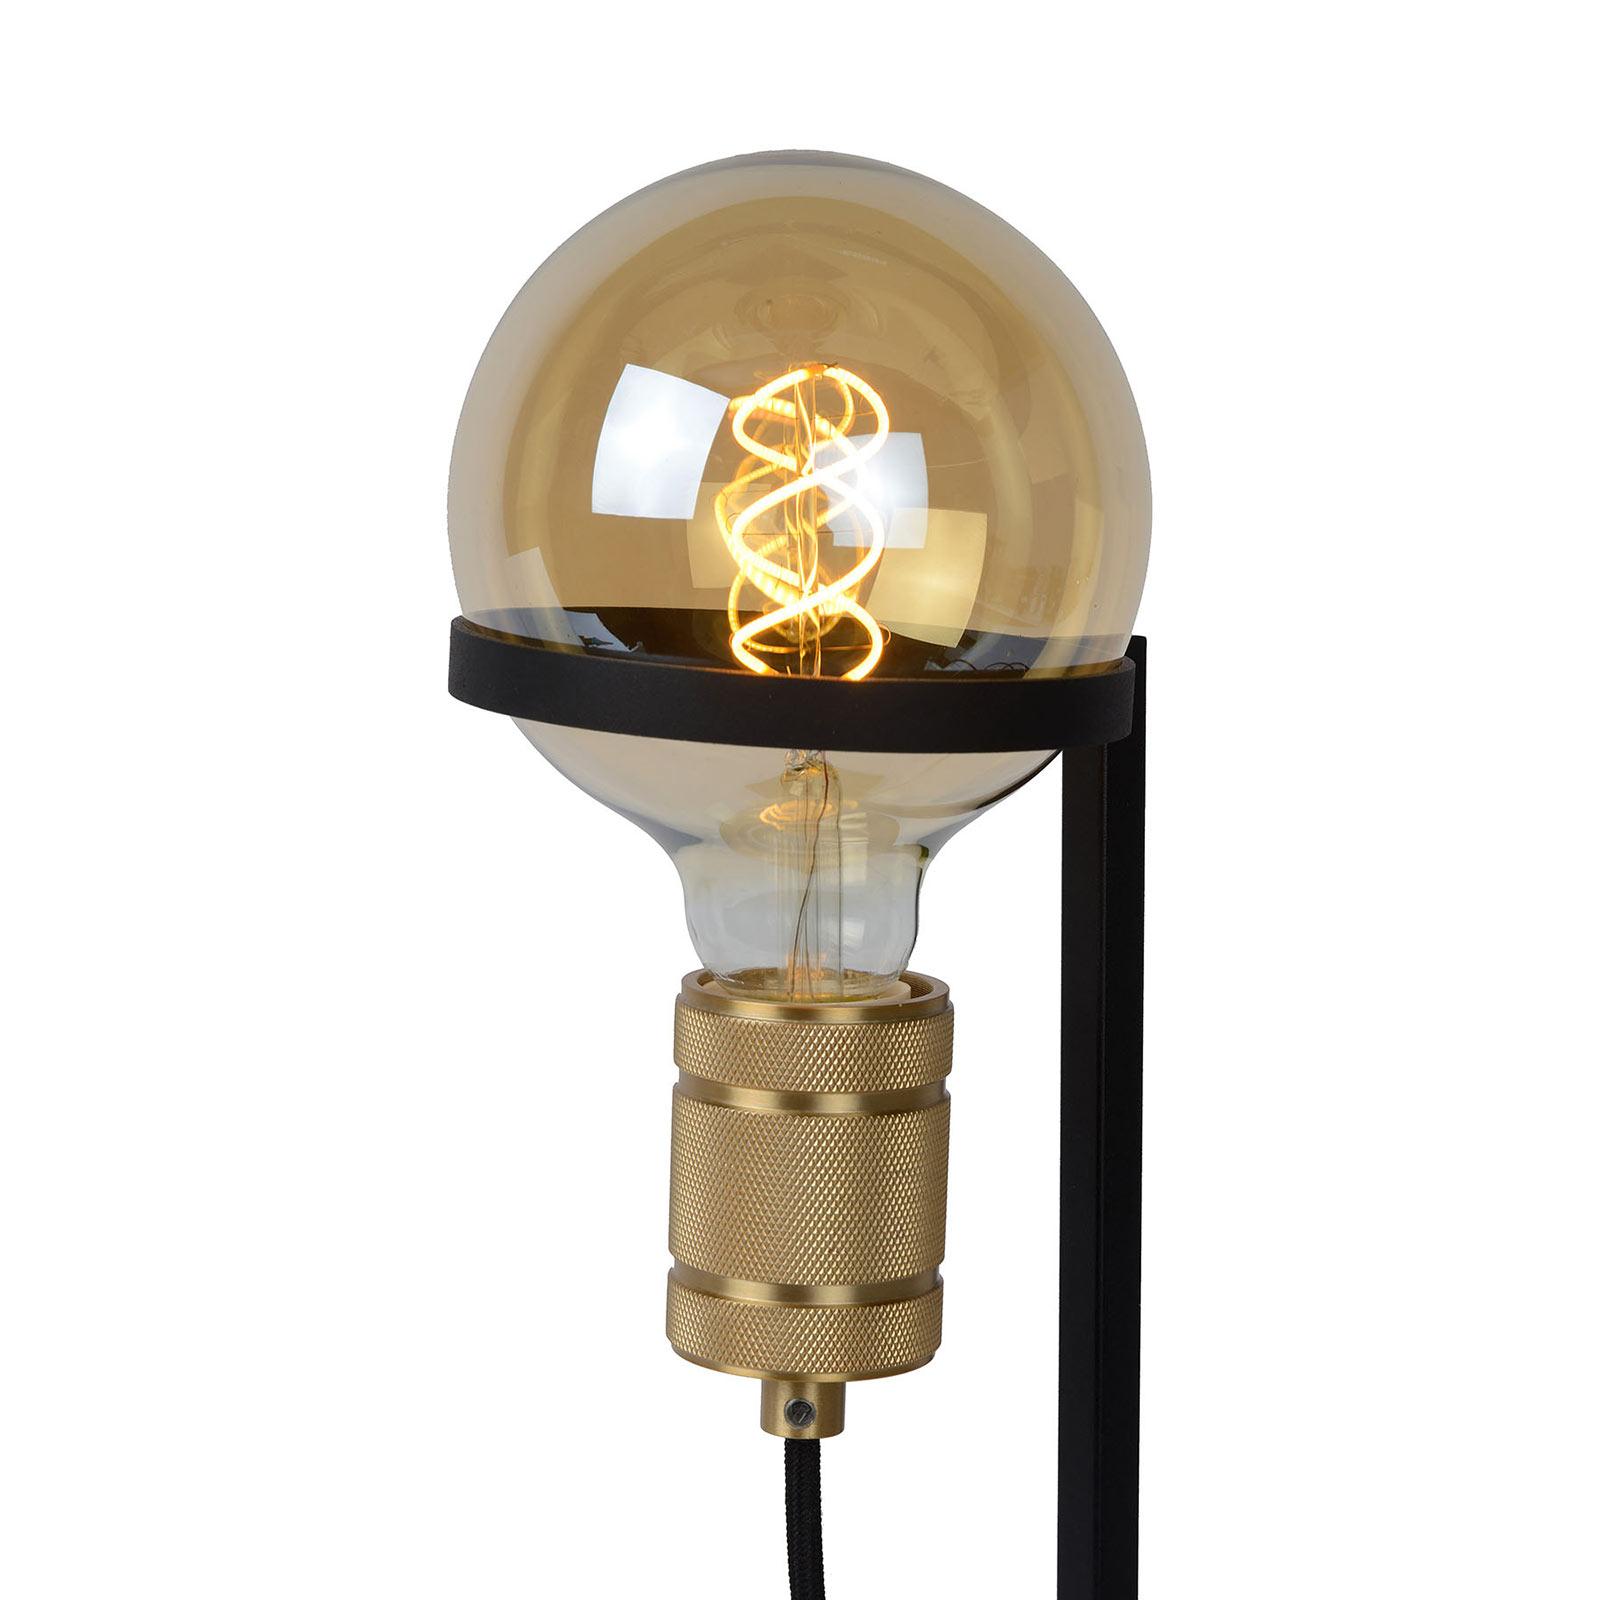 Tafellamp Ottelien in een sober ontwerp